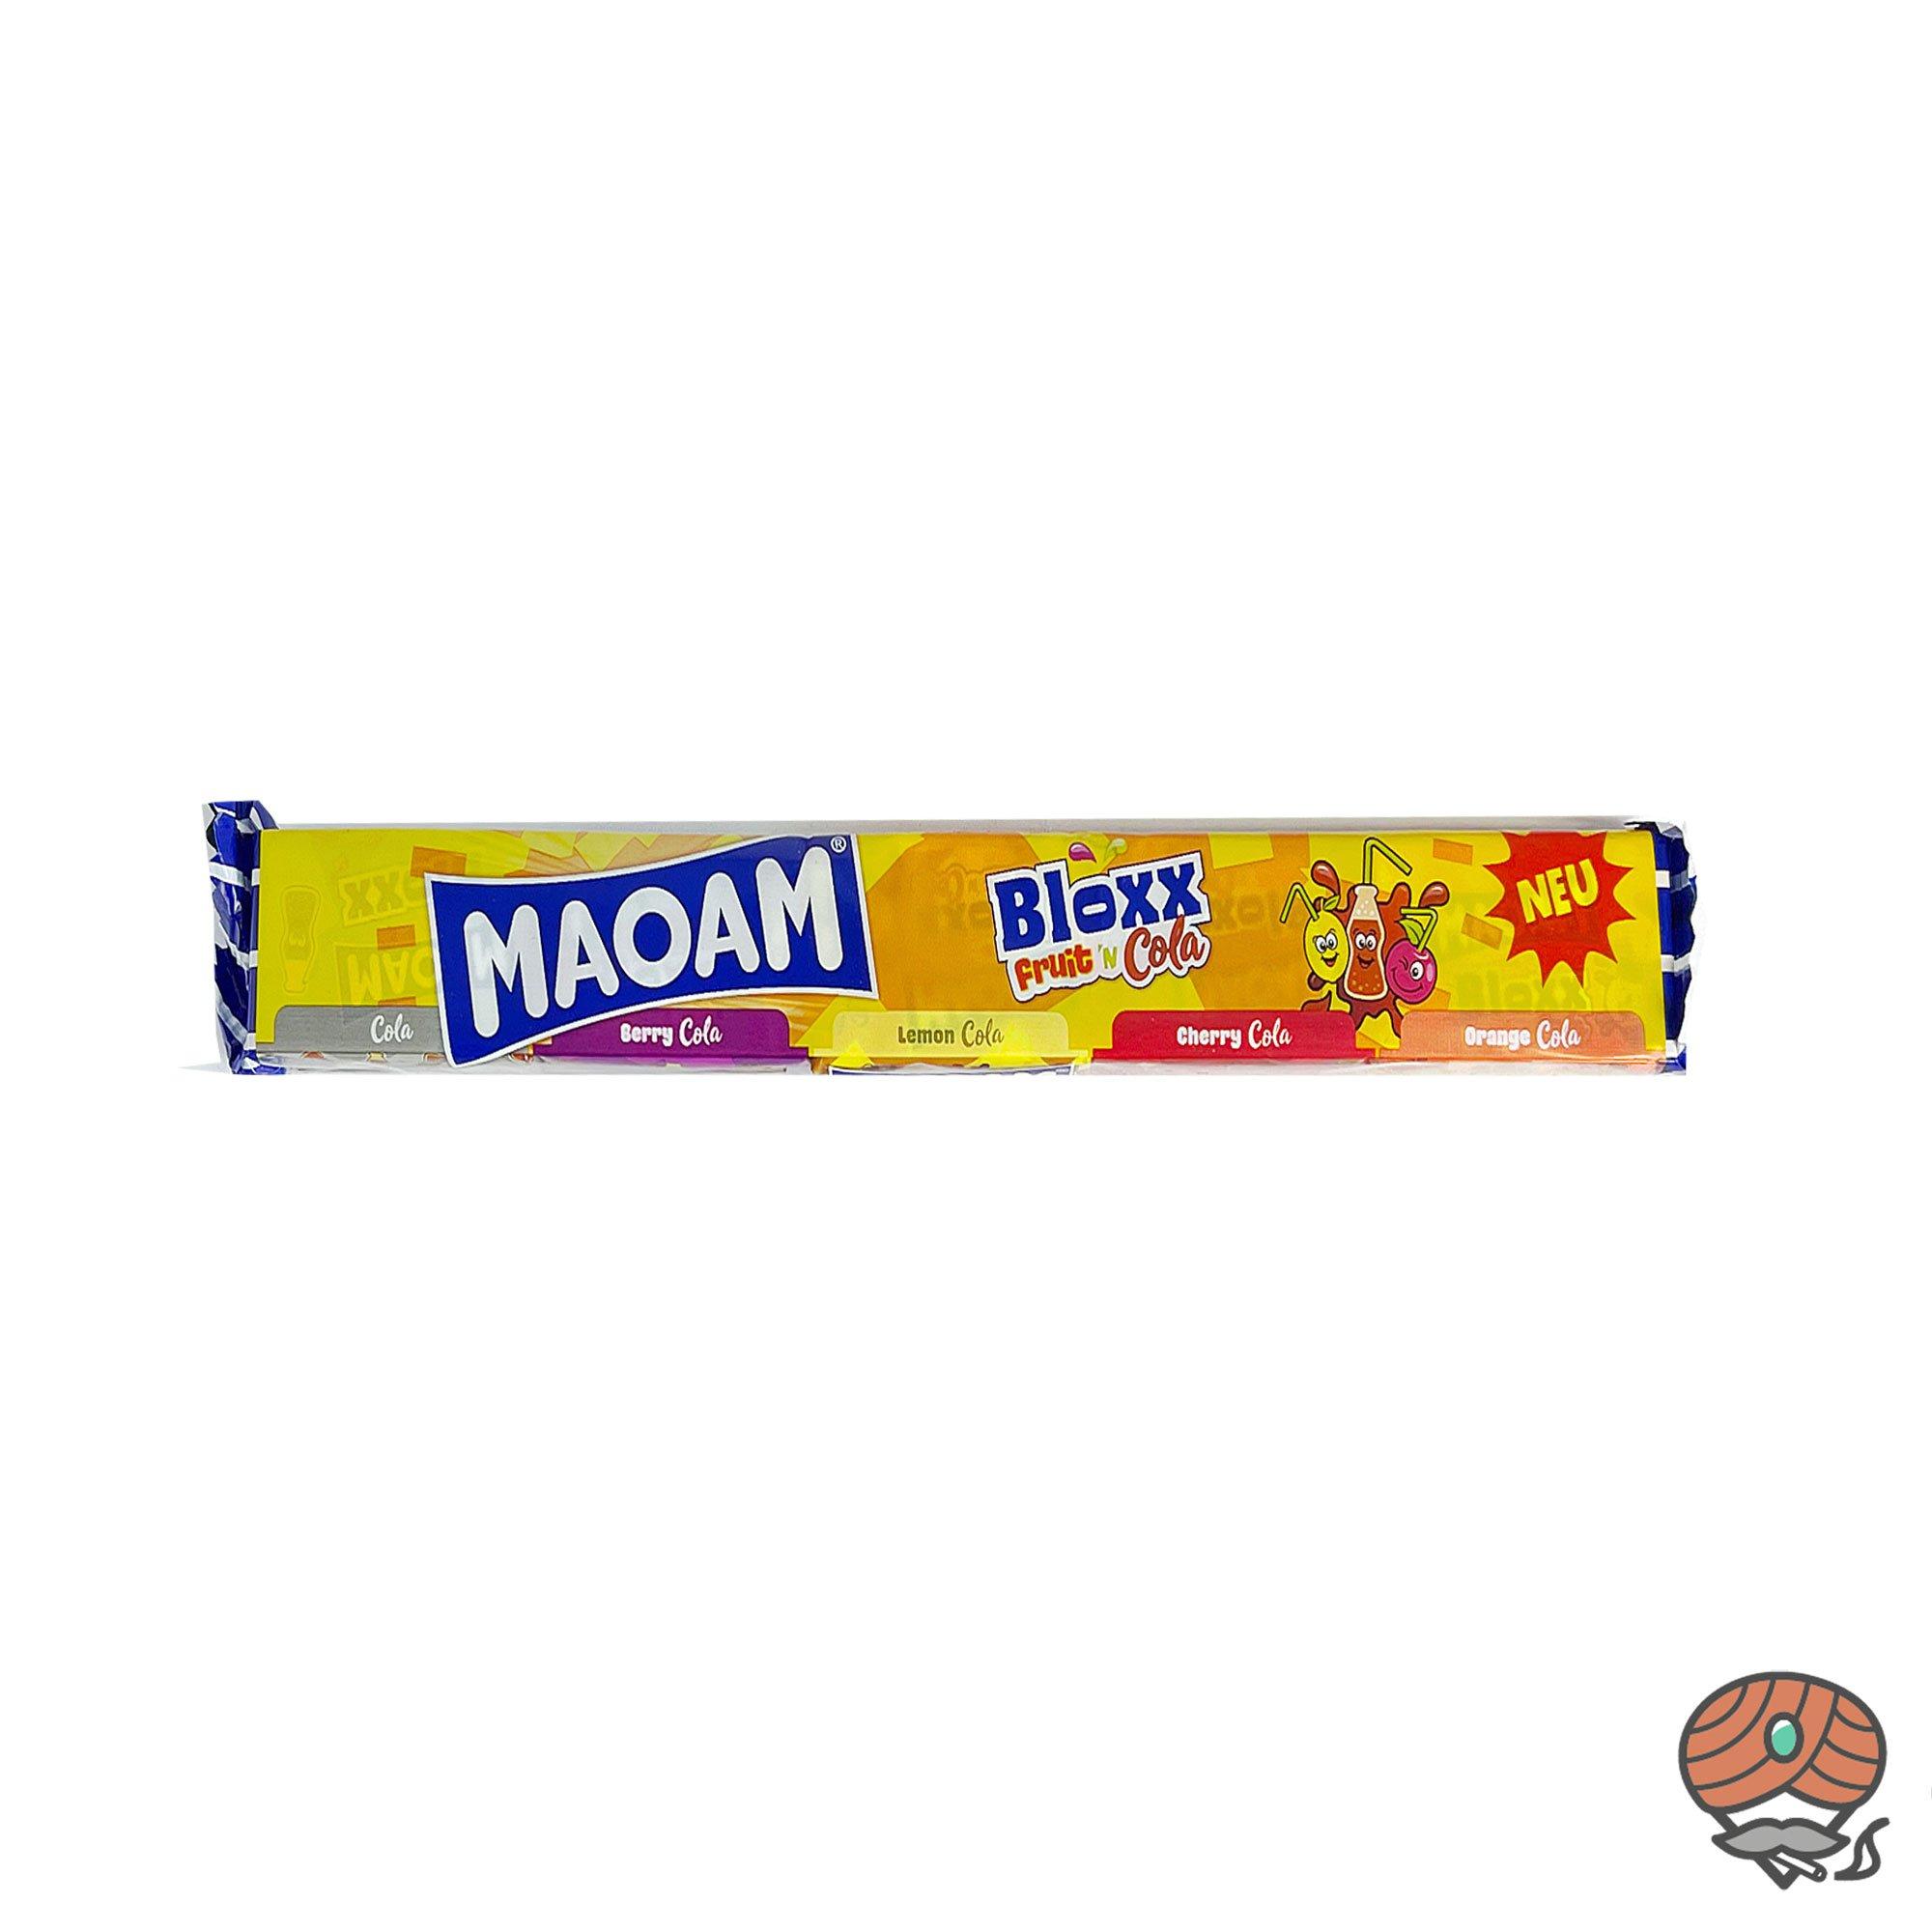 MAOAM Cola-Frucht Bloxx 5 er Stange